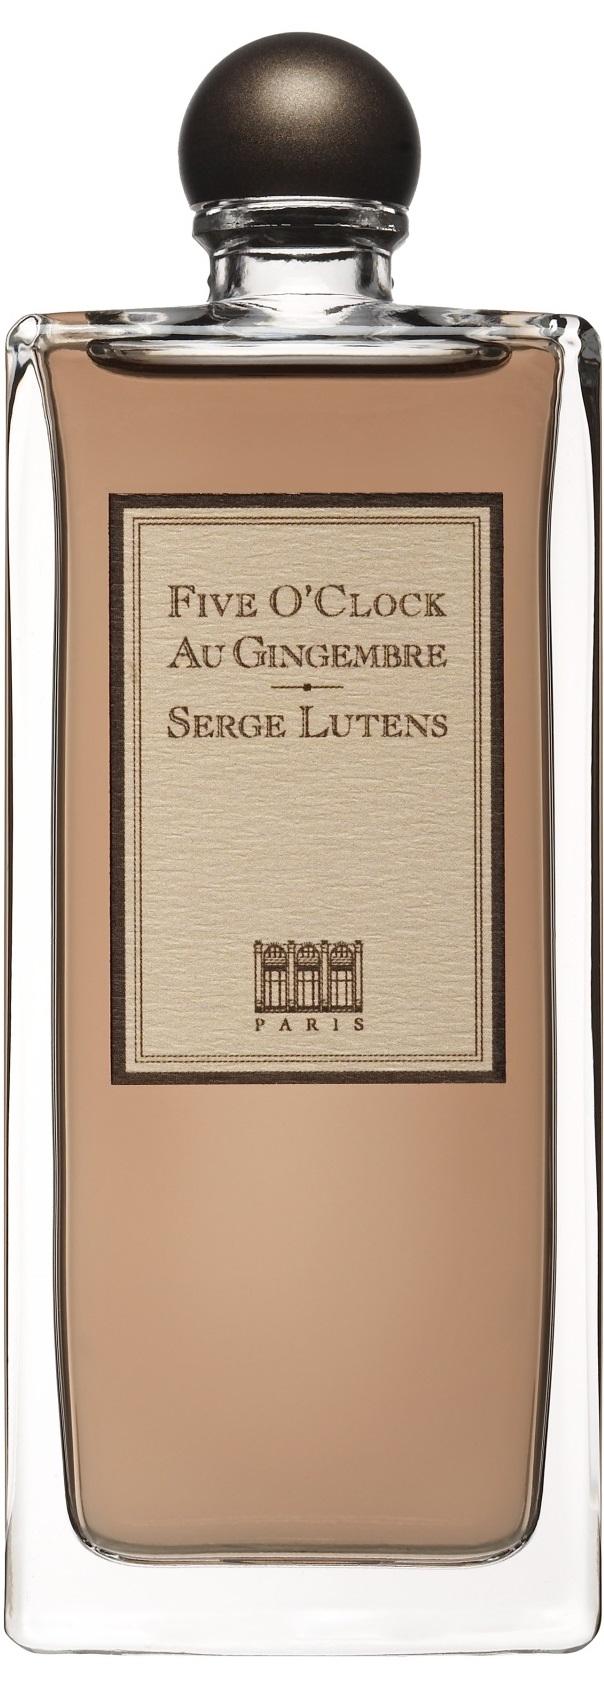 Serge Lutens Five O'Clock Au Gingembre (U) edp 50ml